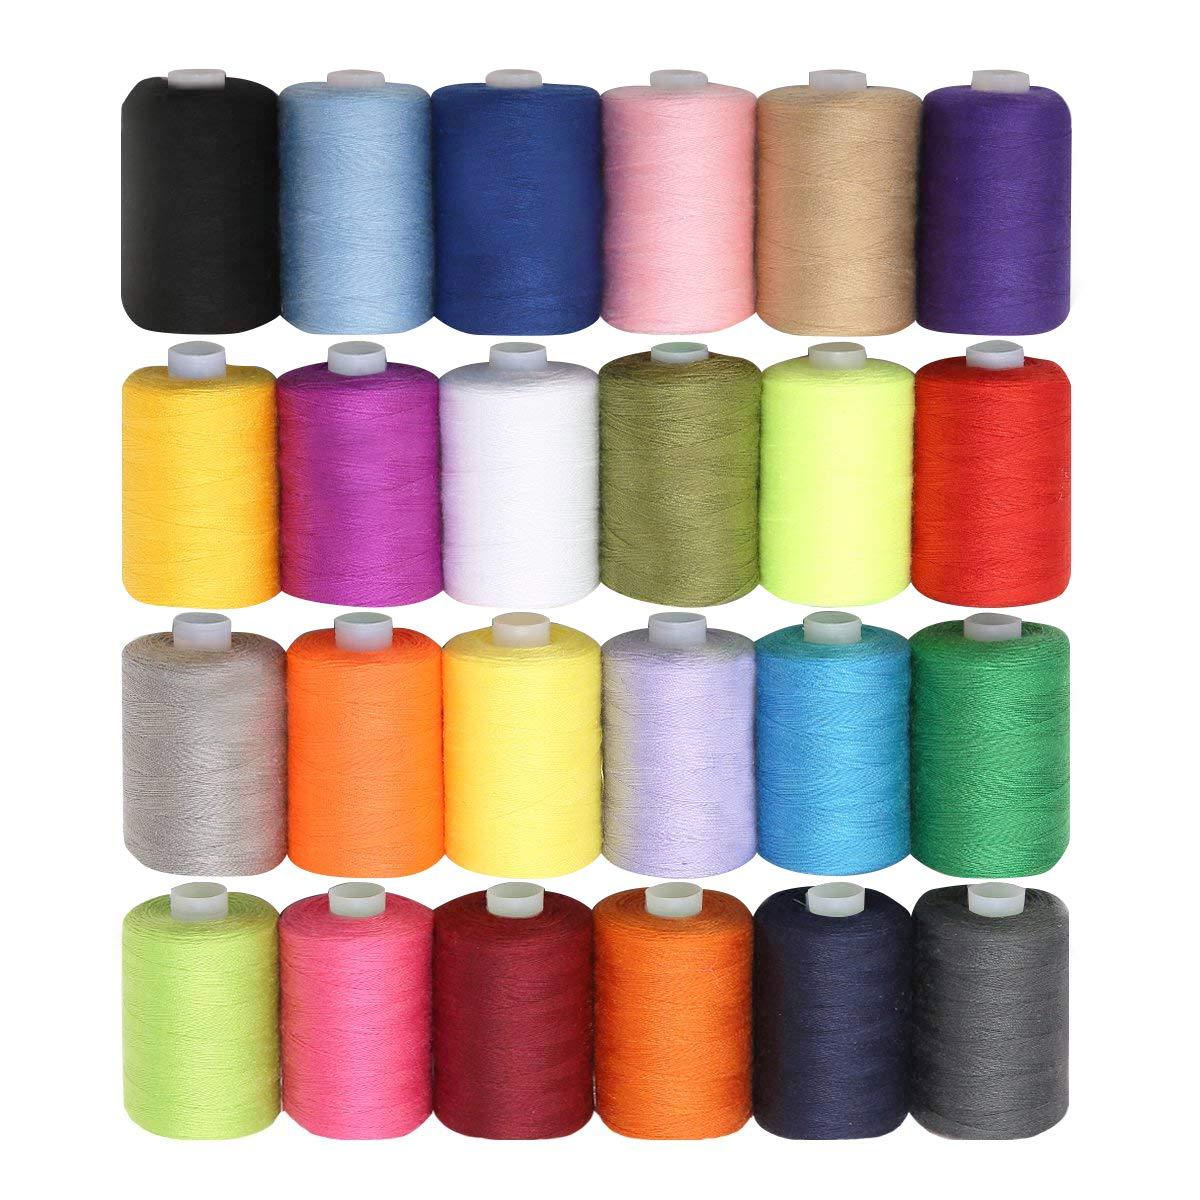 Set da 24 Pezzi 914 Metri Filato Poliestere Ricamo - Colori Luminosi Assortiti per Ricamo e Cucito- Filati Multi Colore di Alta Qualità - Grande Set Curtzy CH-447